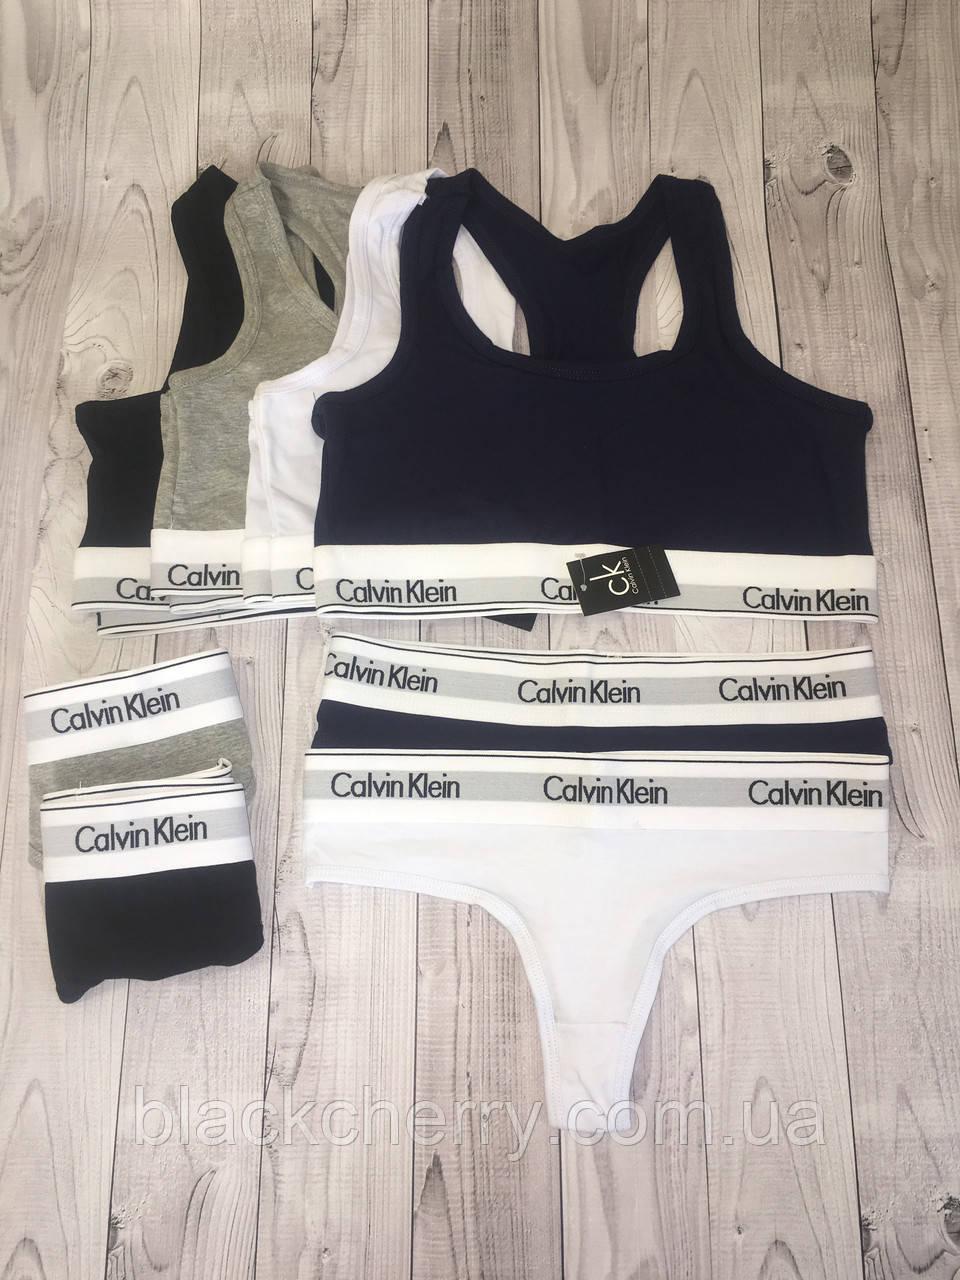 Набор женский Calvin Klein (топ+стринги), черный L (Люкс качество)